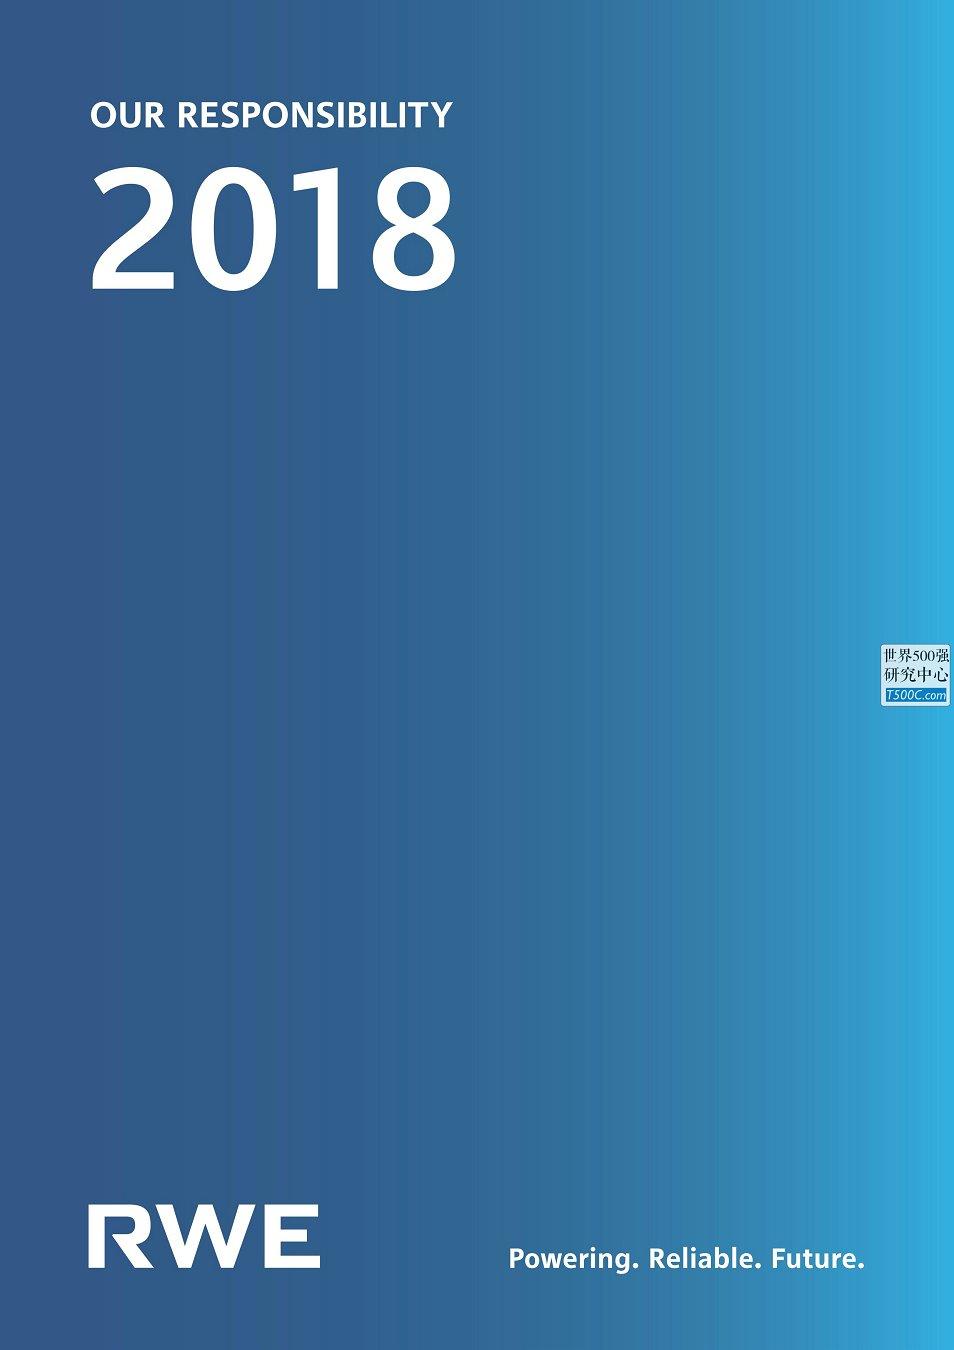 德国莱茵集团RWE_社会责任报告CSR_2018